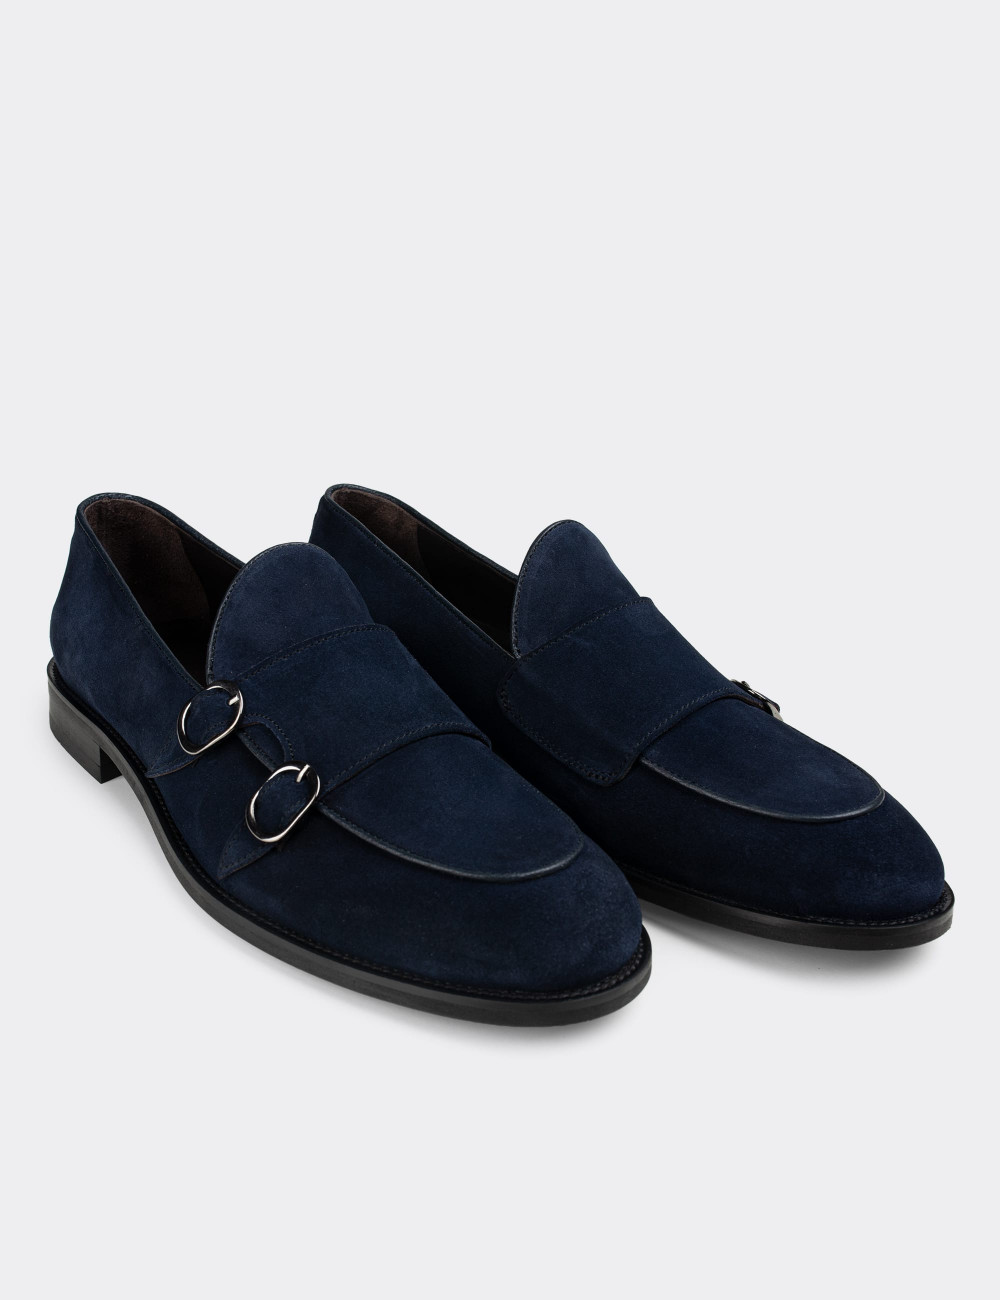 Hakiki Süet Deri Mavi Çift Tokalı Klasik Erkek Loafer - 01844MMVIN01